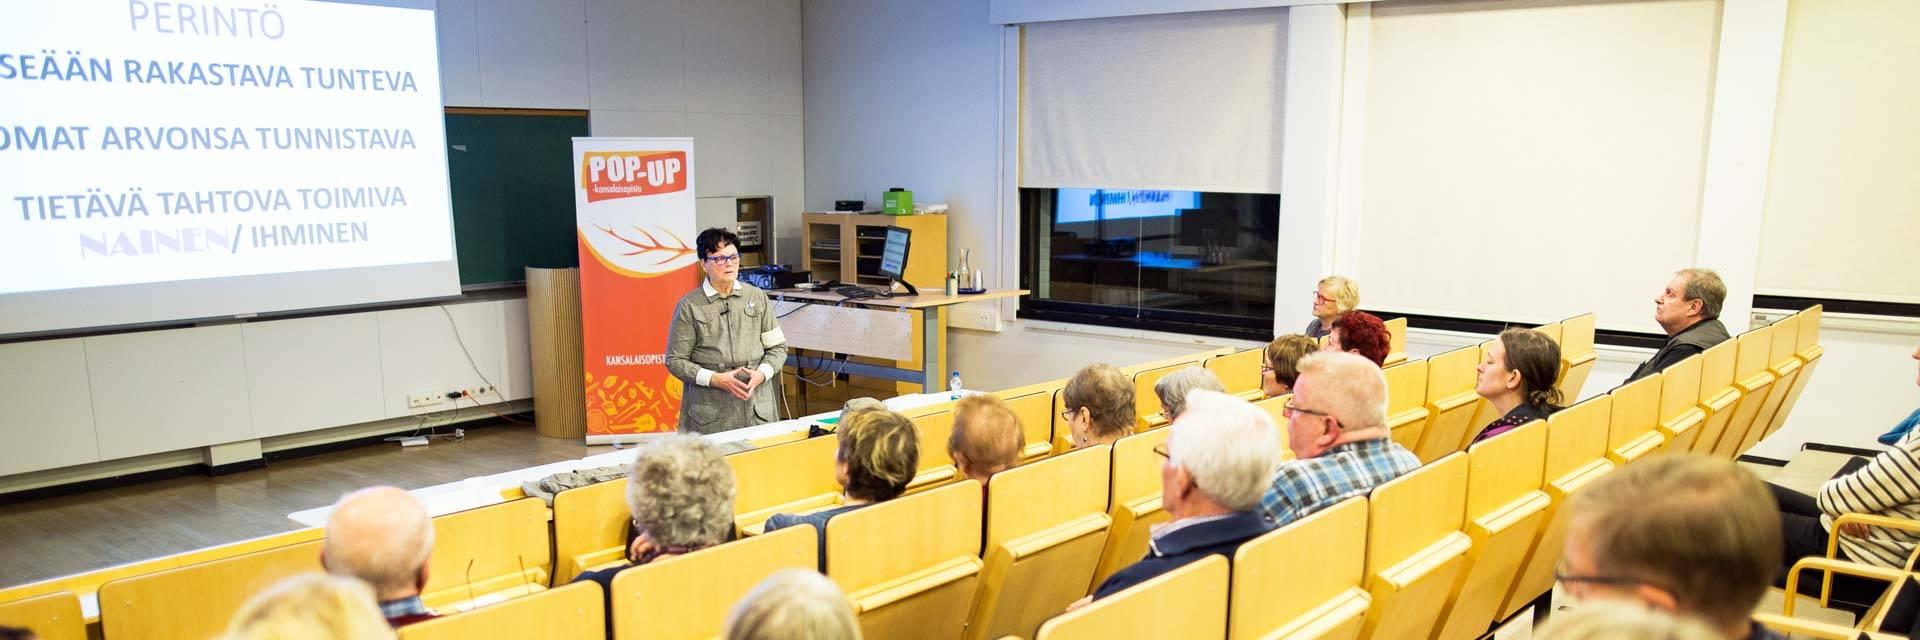 Luennoitsija ja yleisöä Valkeakoski-opiston luentosalissa